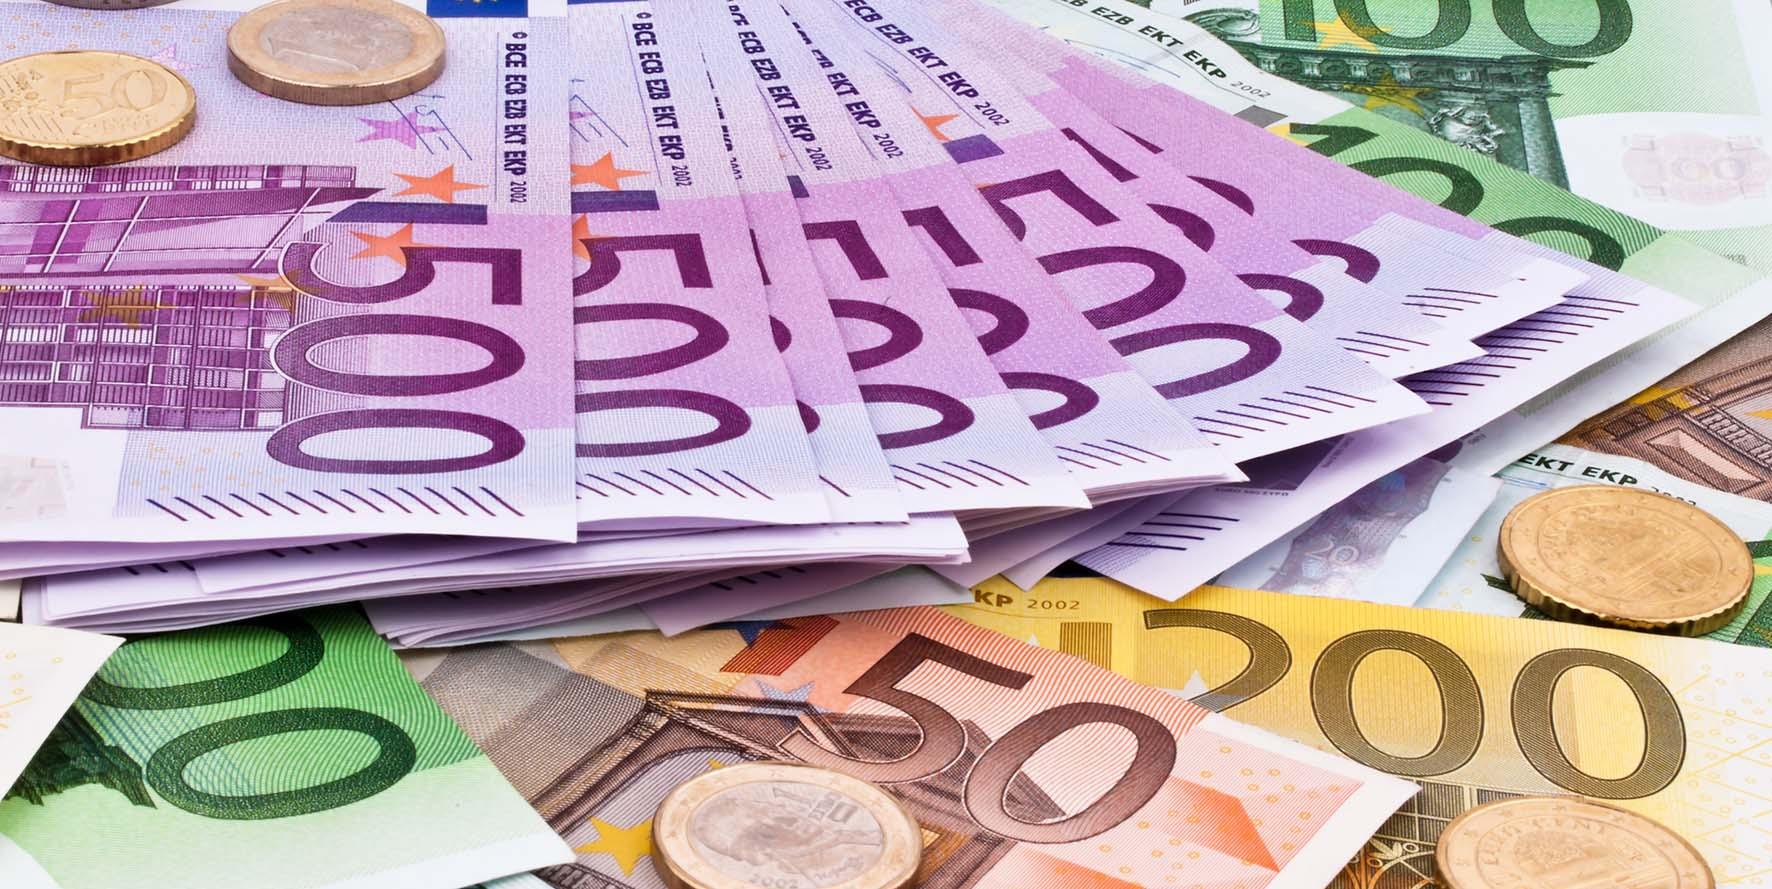 euro soldi biglietti banca monete